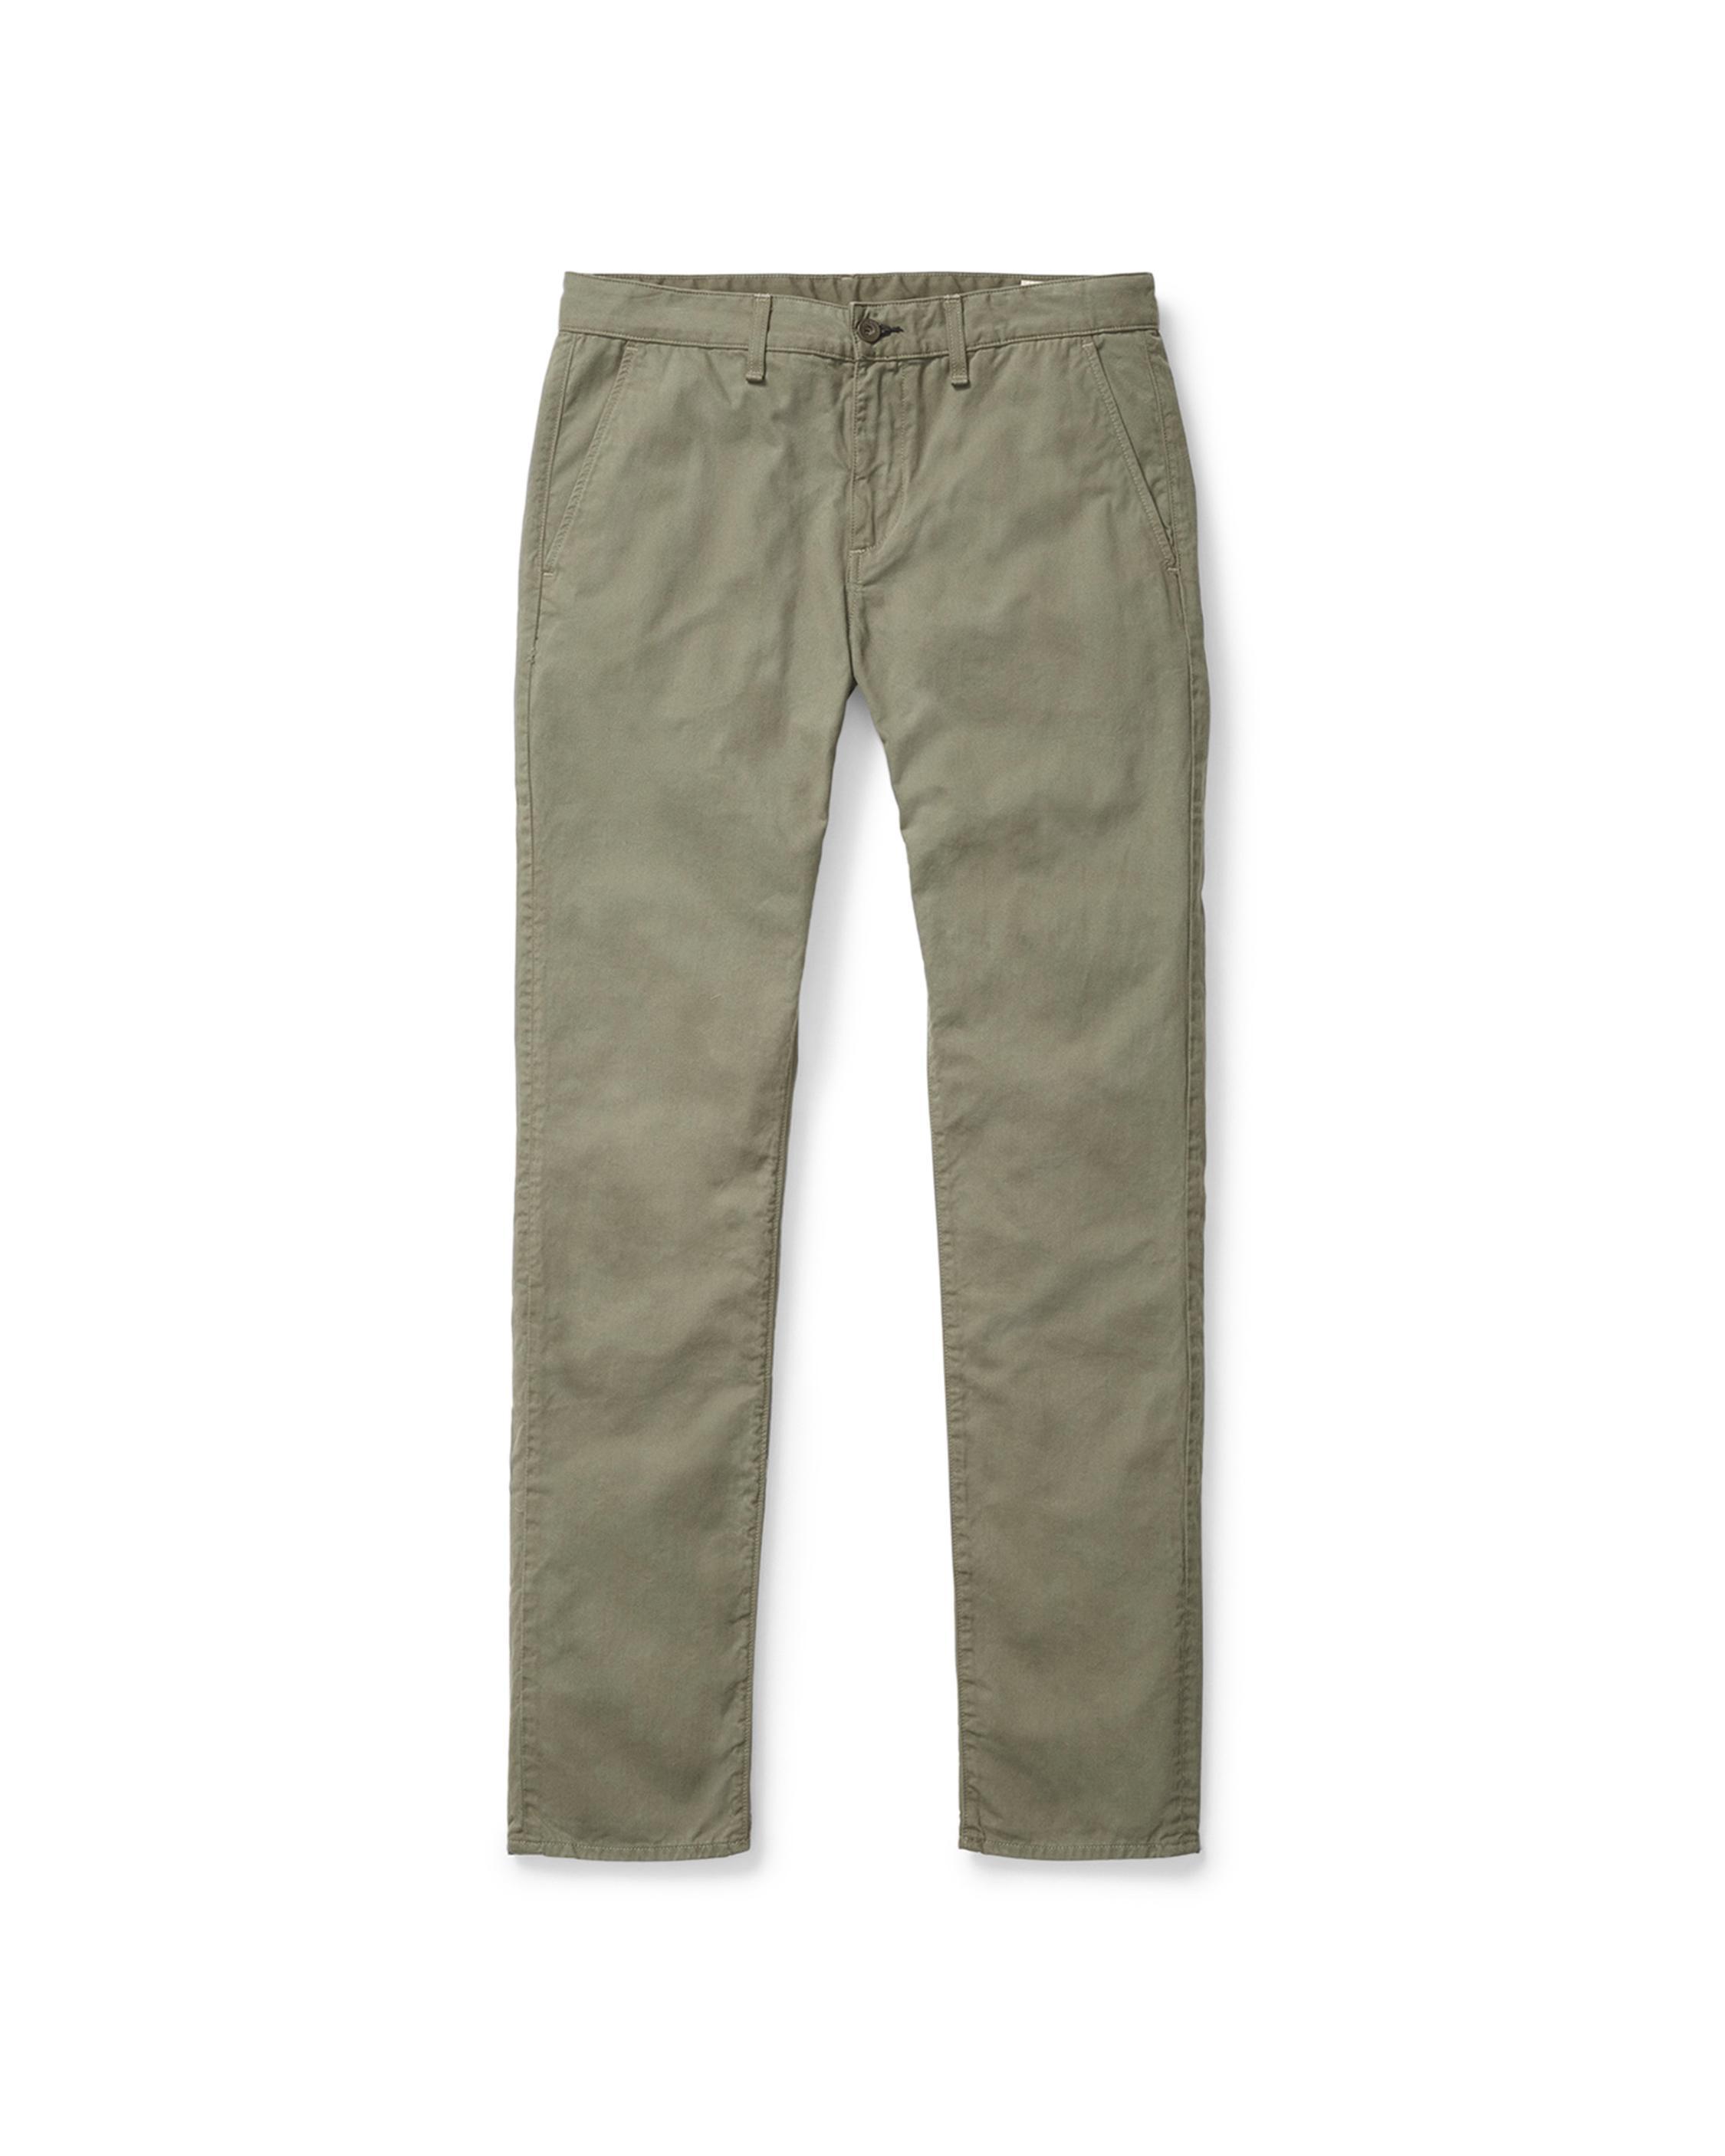 dbe7975a Fit 2 Chino   Men Pants & Shorts   rag & bone